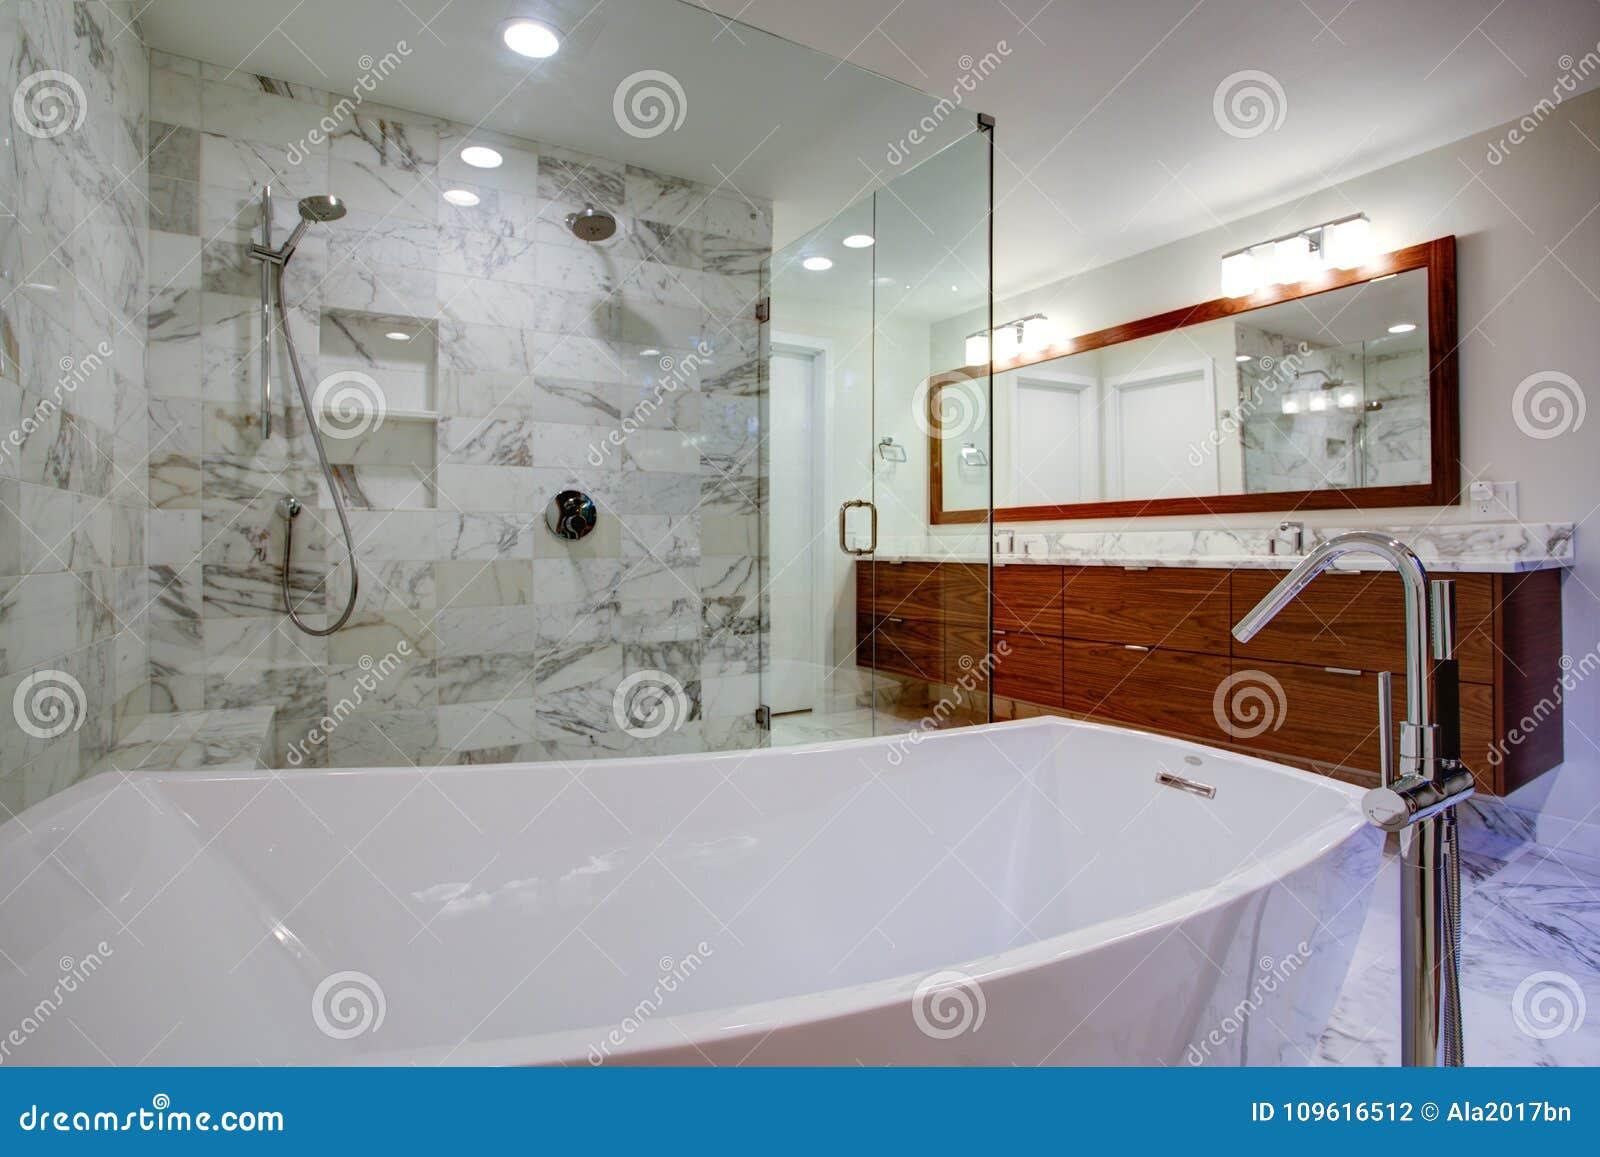 Glattes Badezimmer Mit Freistehender Badewanne Und Weg In ...